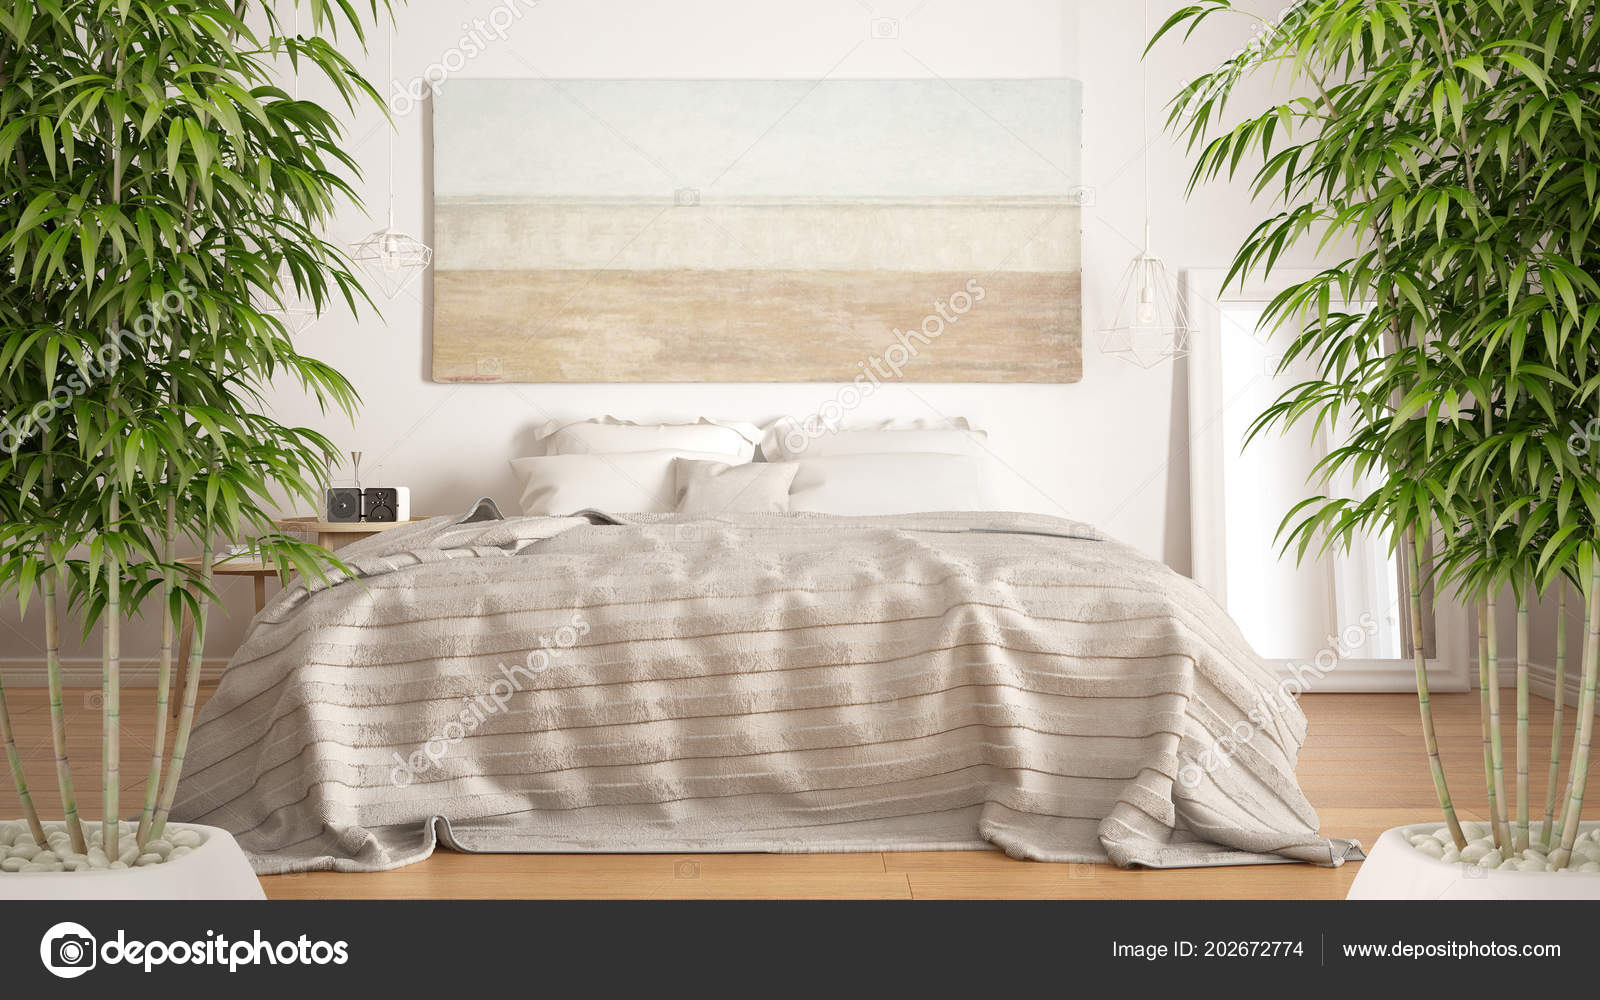 Zen Interieur Slaapkamer : Zen interieur met ingemaakte bamboe plant natuurlijke interieur